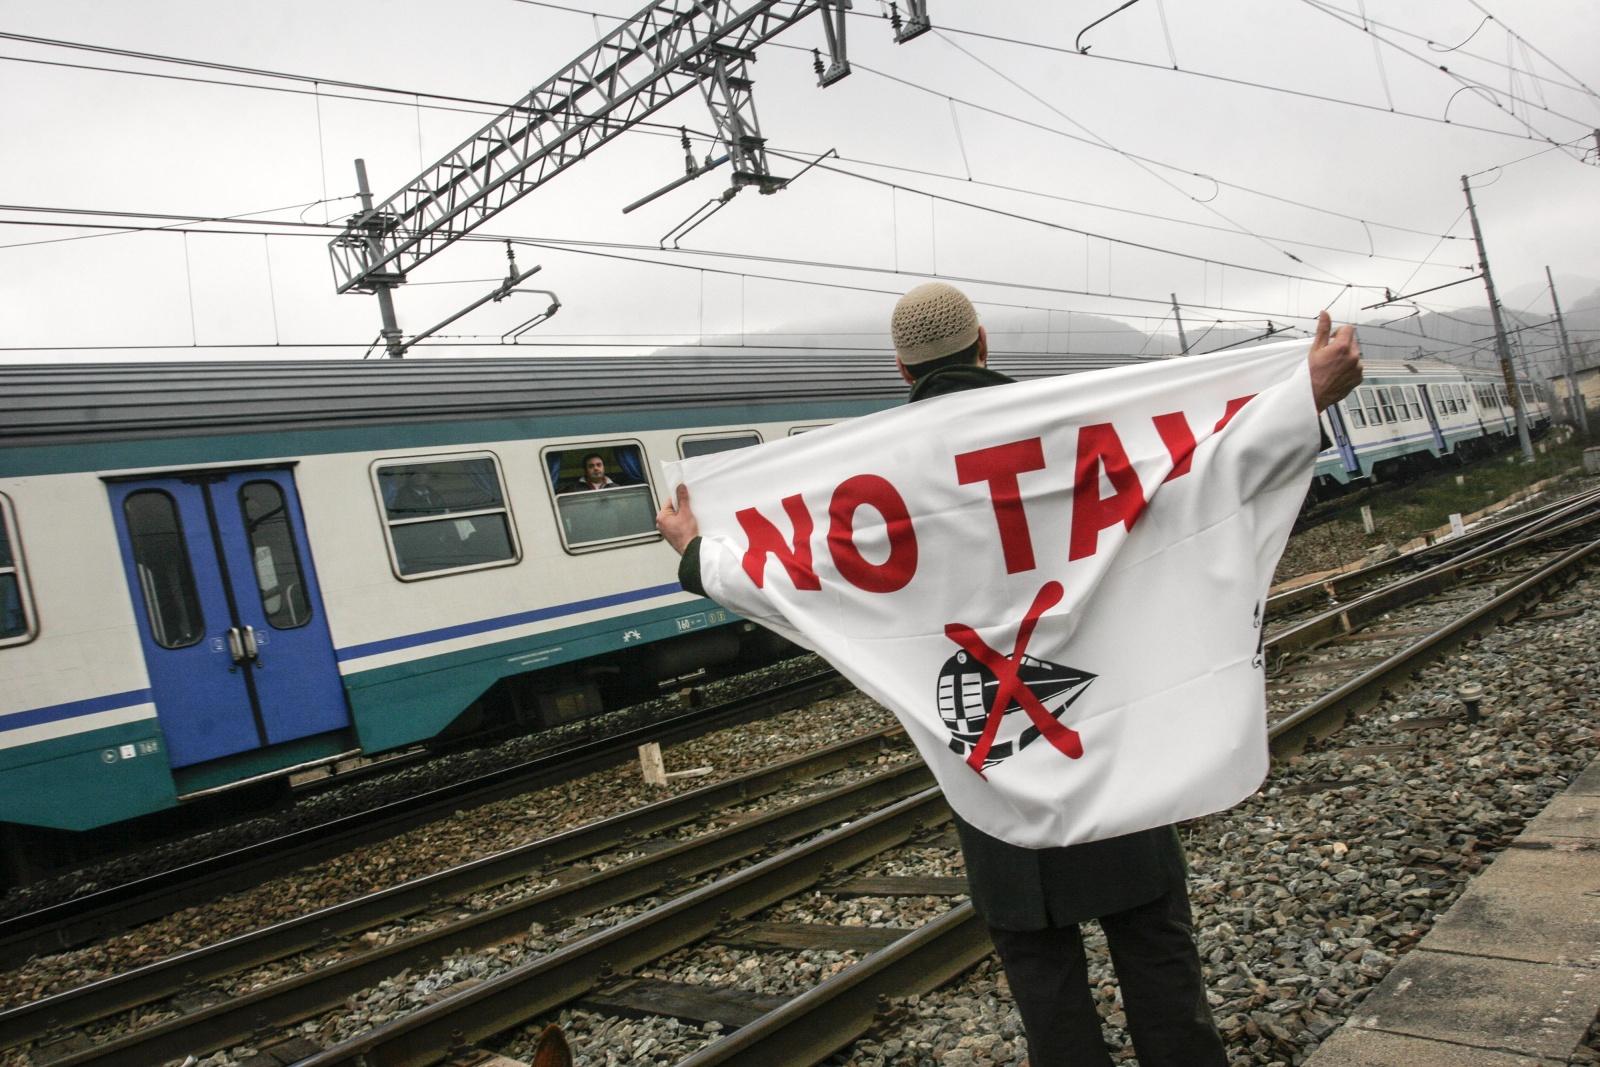 Movimento NO-TAV contro la costruzione del treno ad Alta Velocità